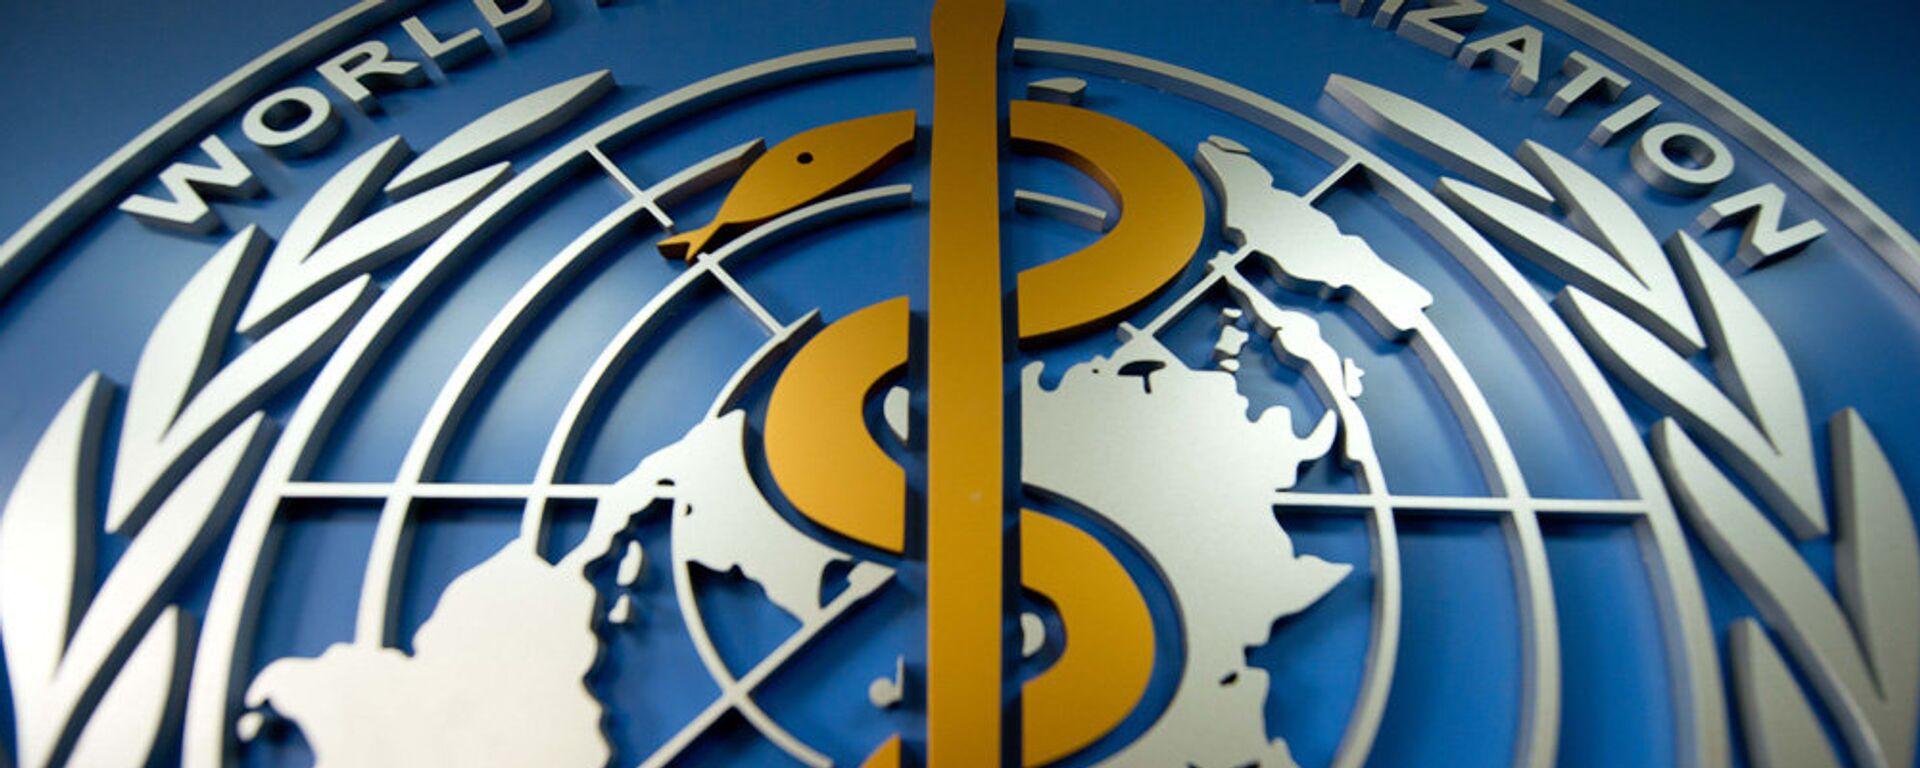 Всемирная организация здравоохранения - Sputnik Latvija, 1920, 07.02.2021